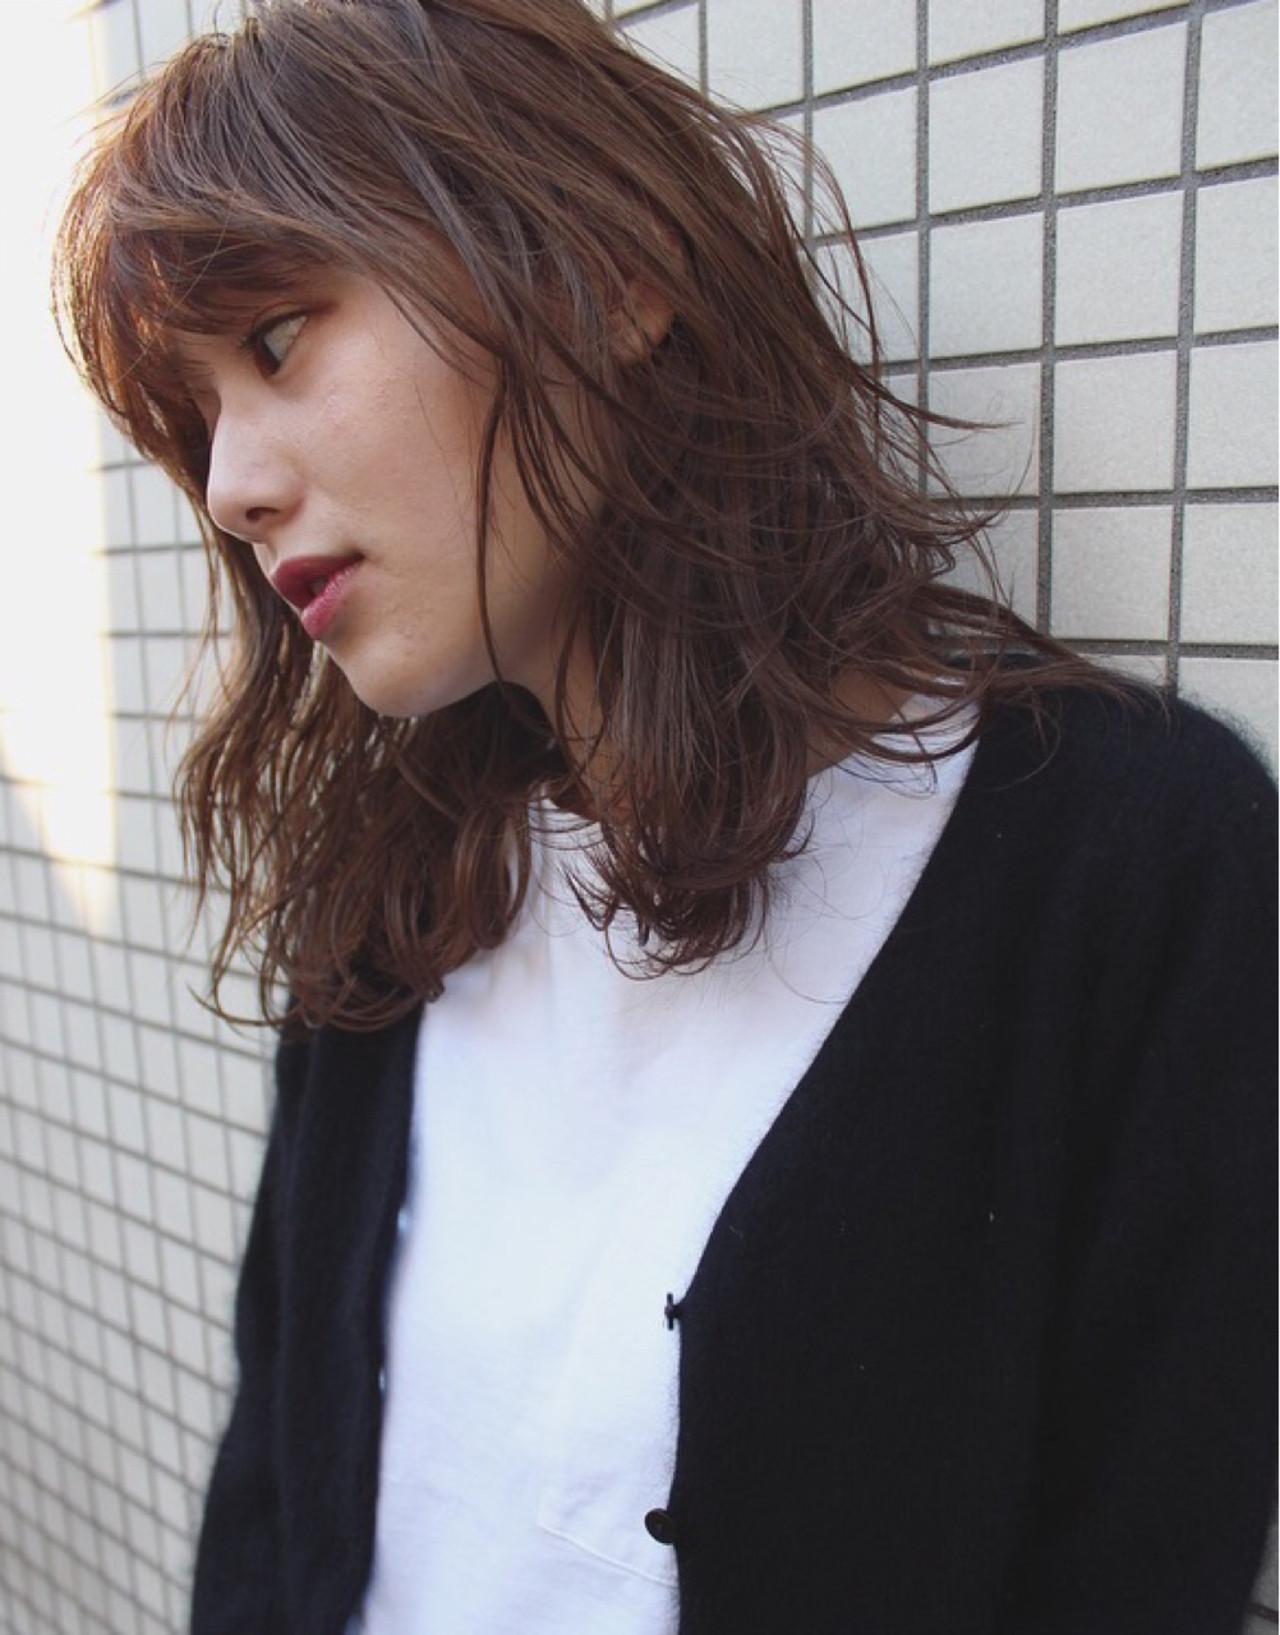 ウェーブ ストリート ゆるふわ 大人かわいい ヘアスタイルや髪型の写真・画像 | AKIRA HASUNUMA / ILLATOS hair salon